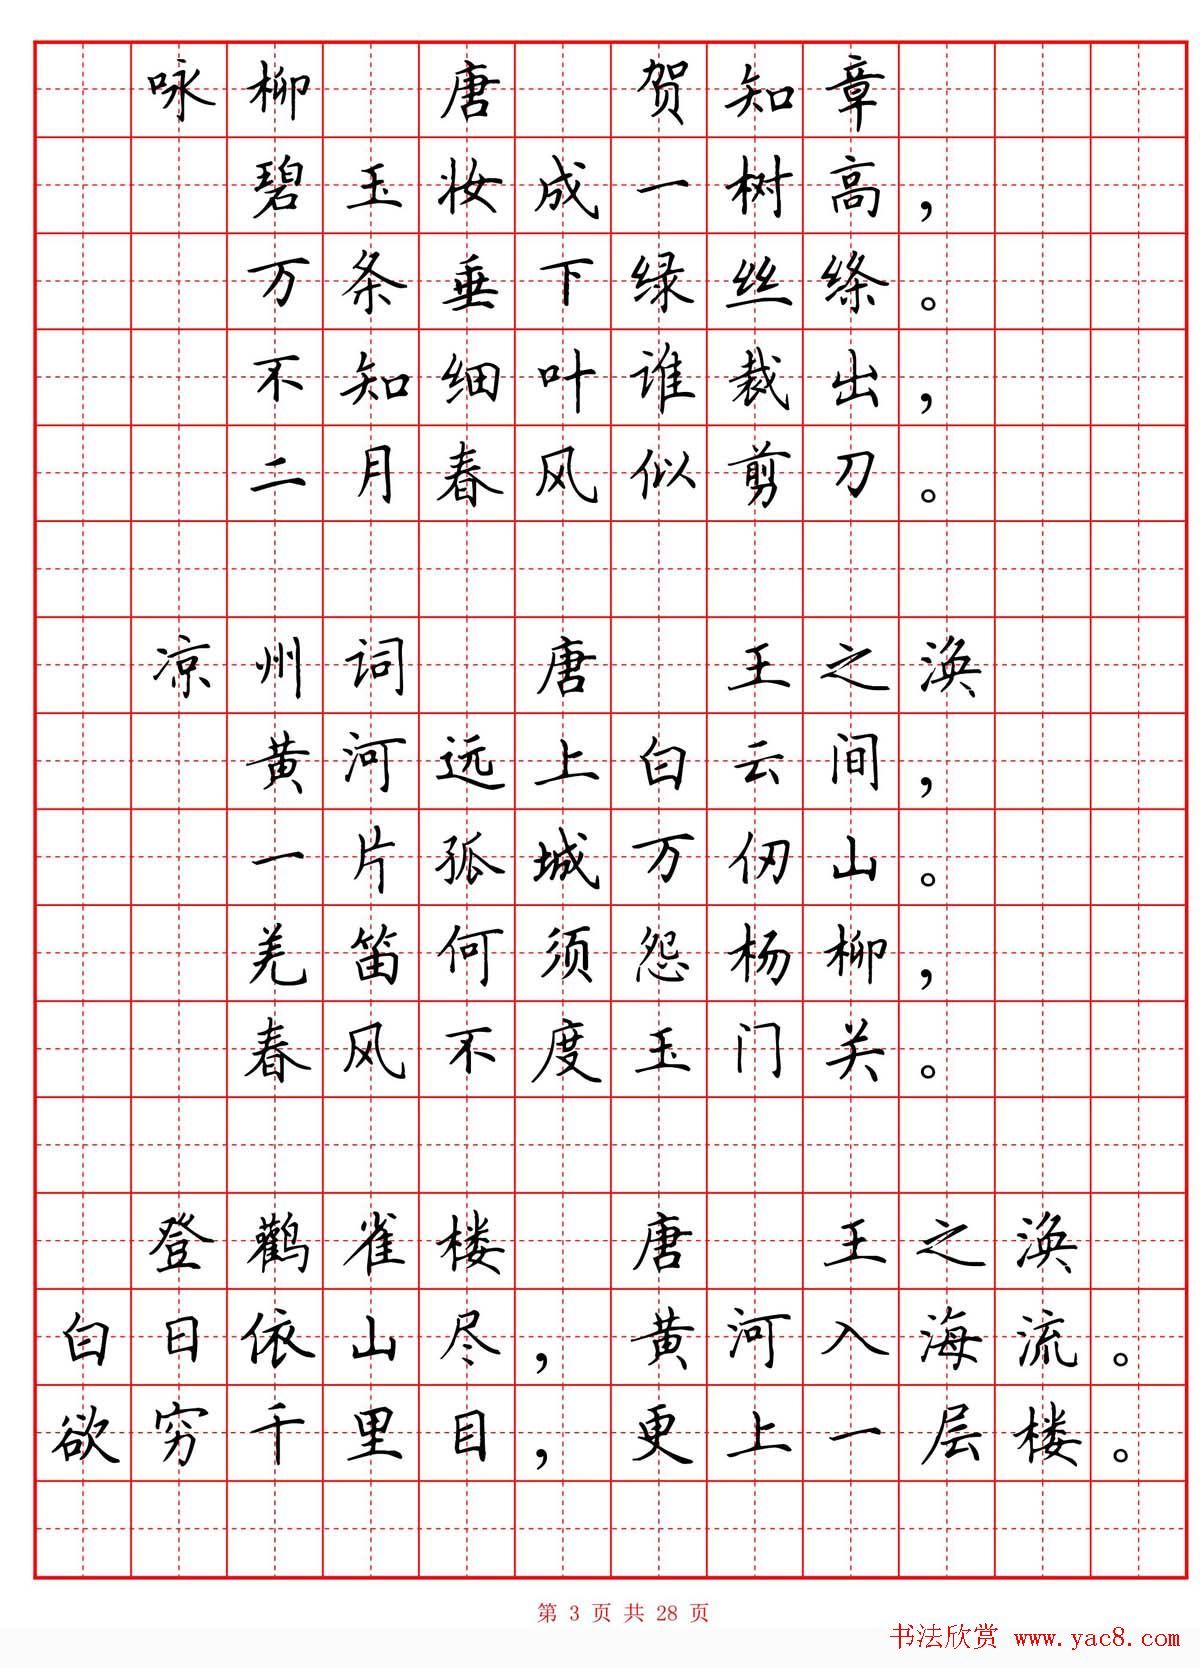 硬笔书法字帖 小学生必背古诗词八十首 第3页 钢笔字帖 书法欣赏